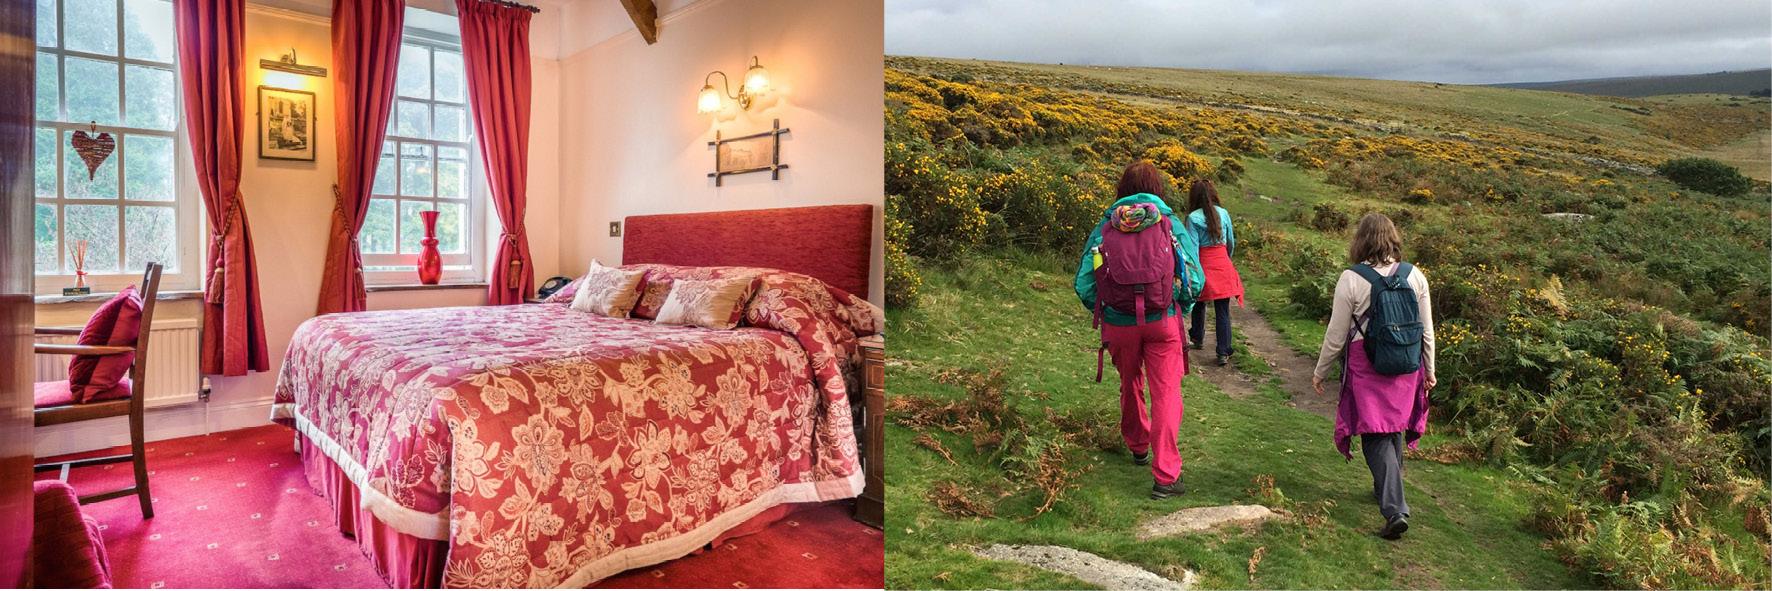 Dartmoor Reise